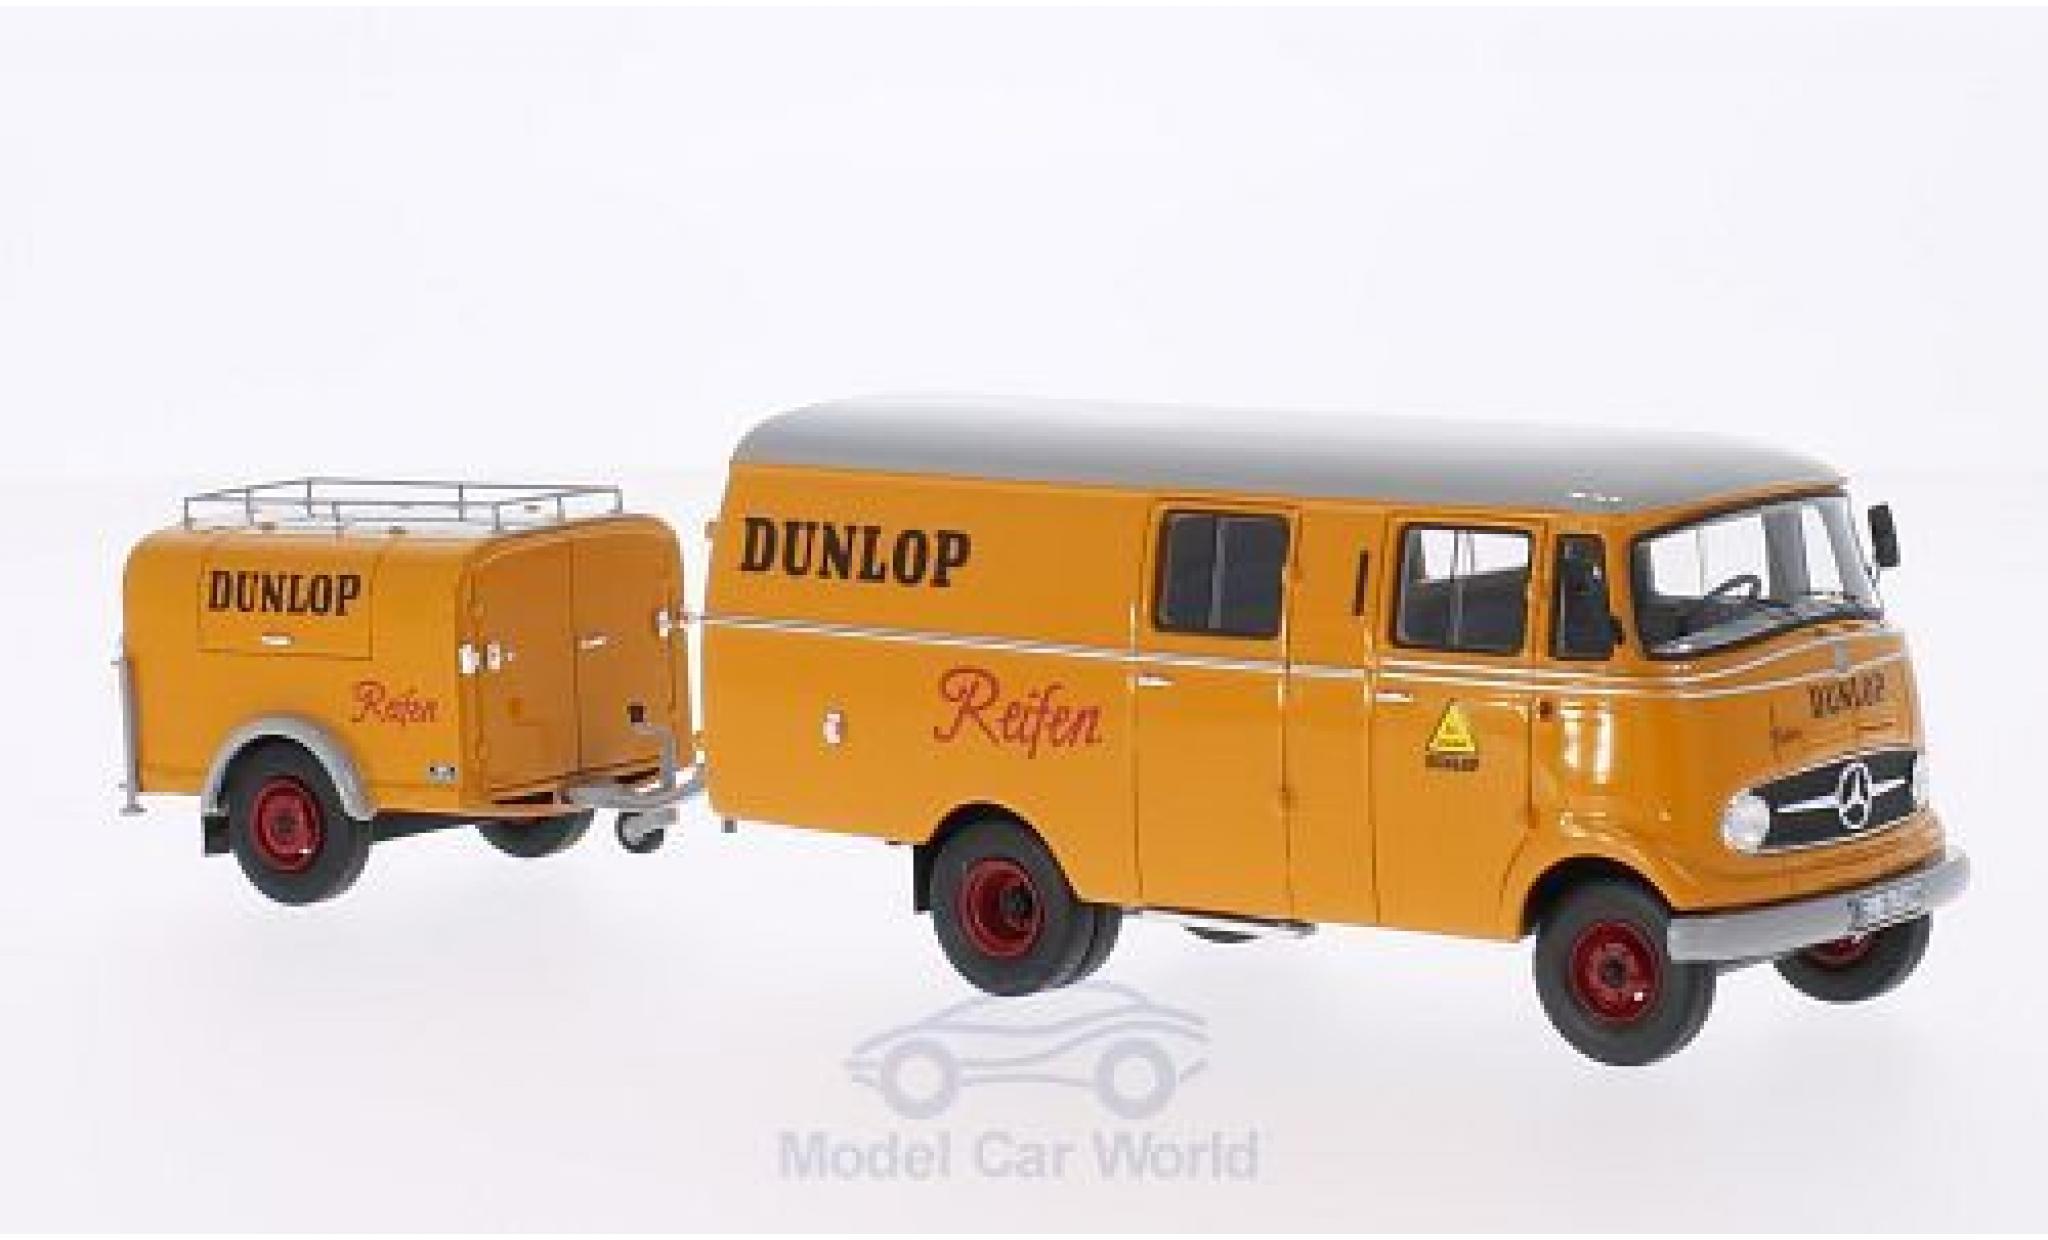 Mercedes L319 1/43 Neo Dunlop 1961 mit Ein-Achs-Anhänger ohne Vitrine